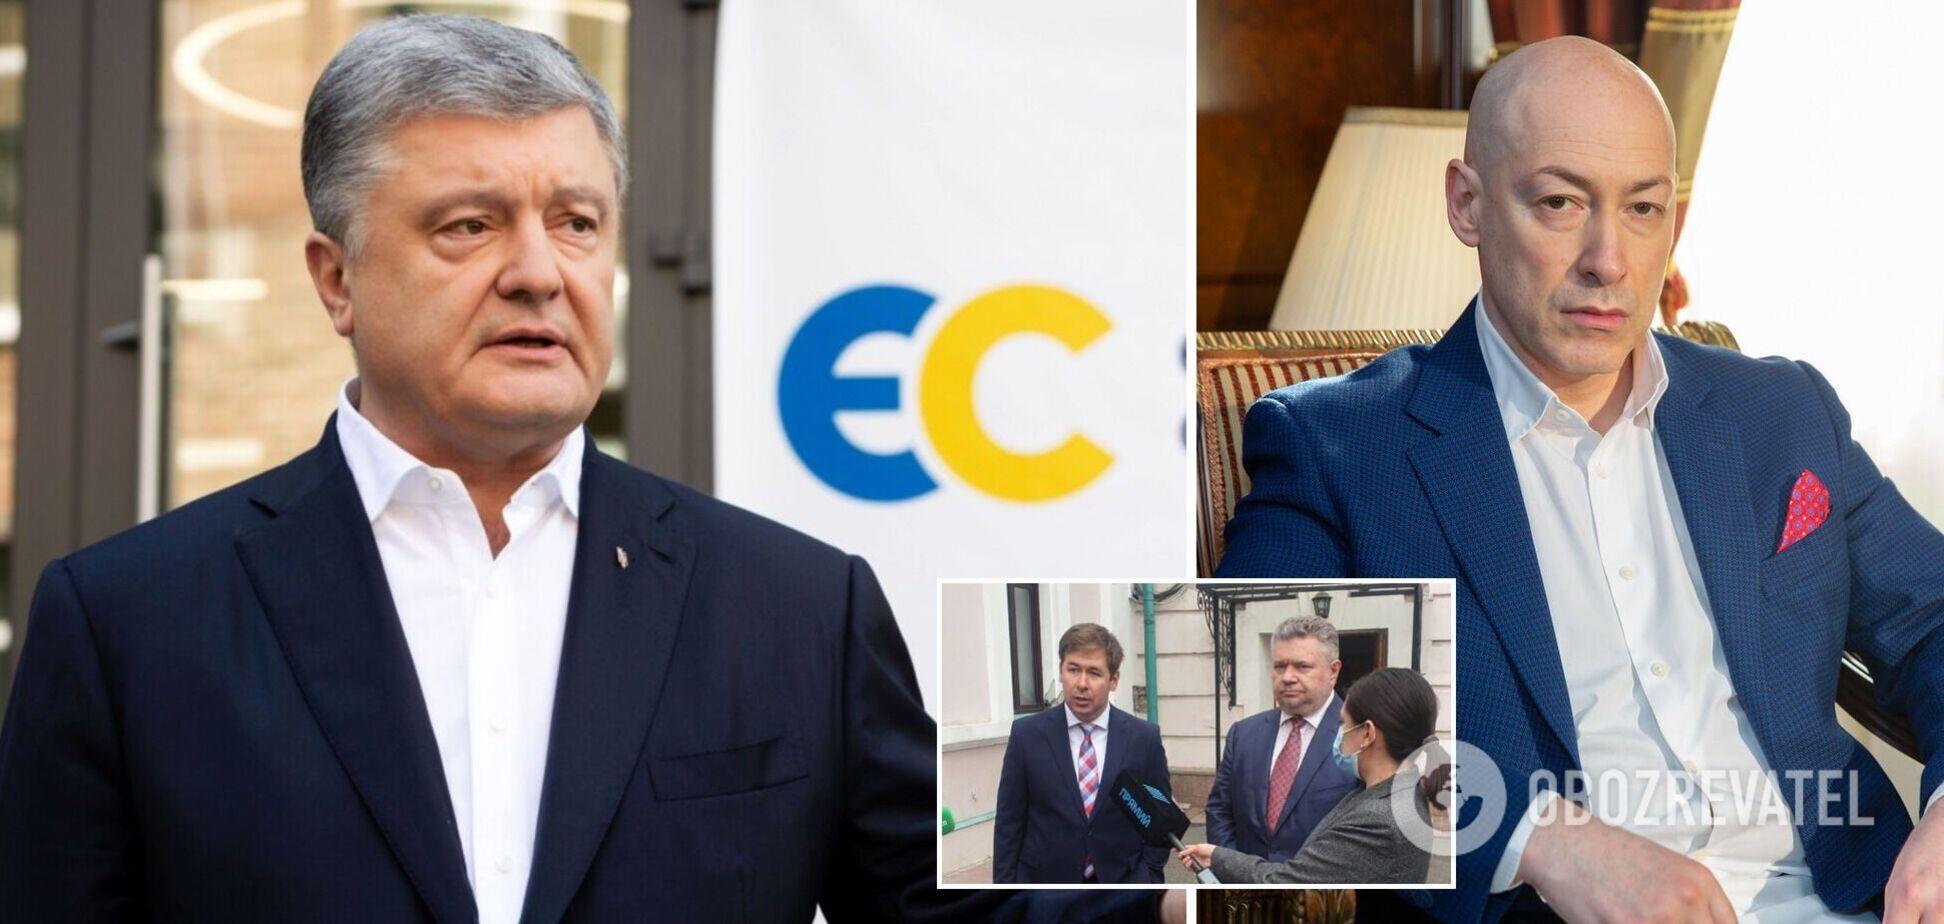 Адвокати Порошенка судитимуться з Гордоном через його висловлювання про 'змову з Путіним'